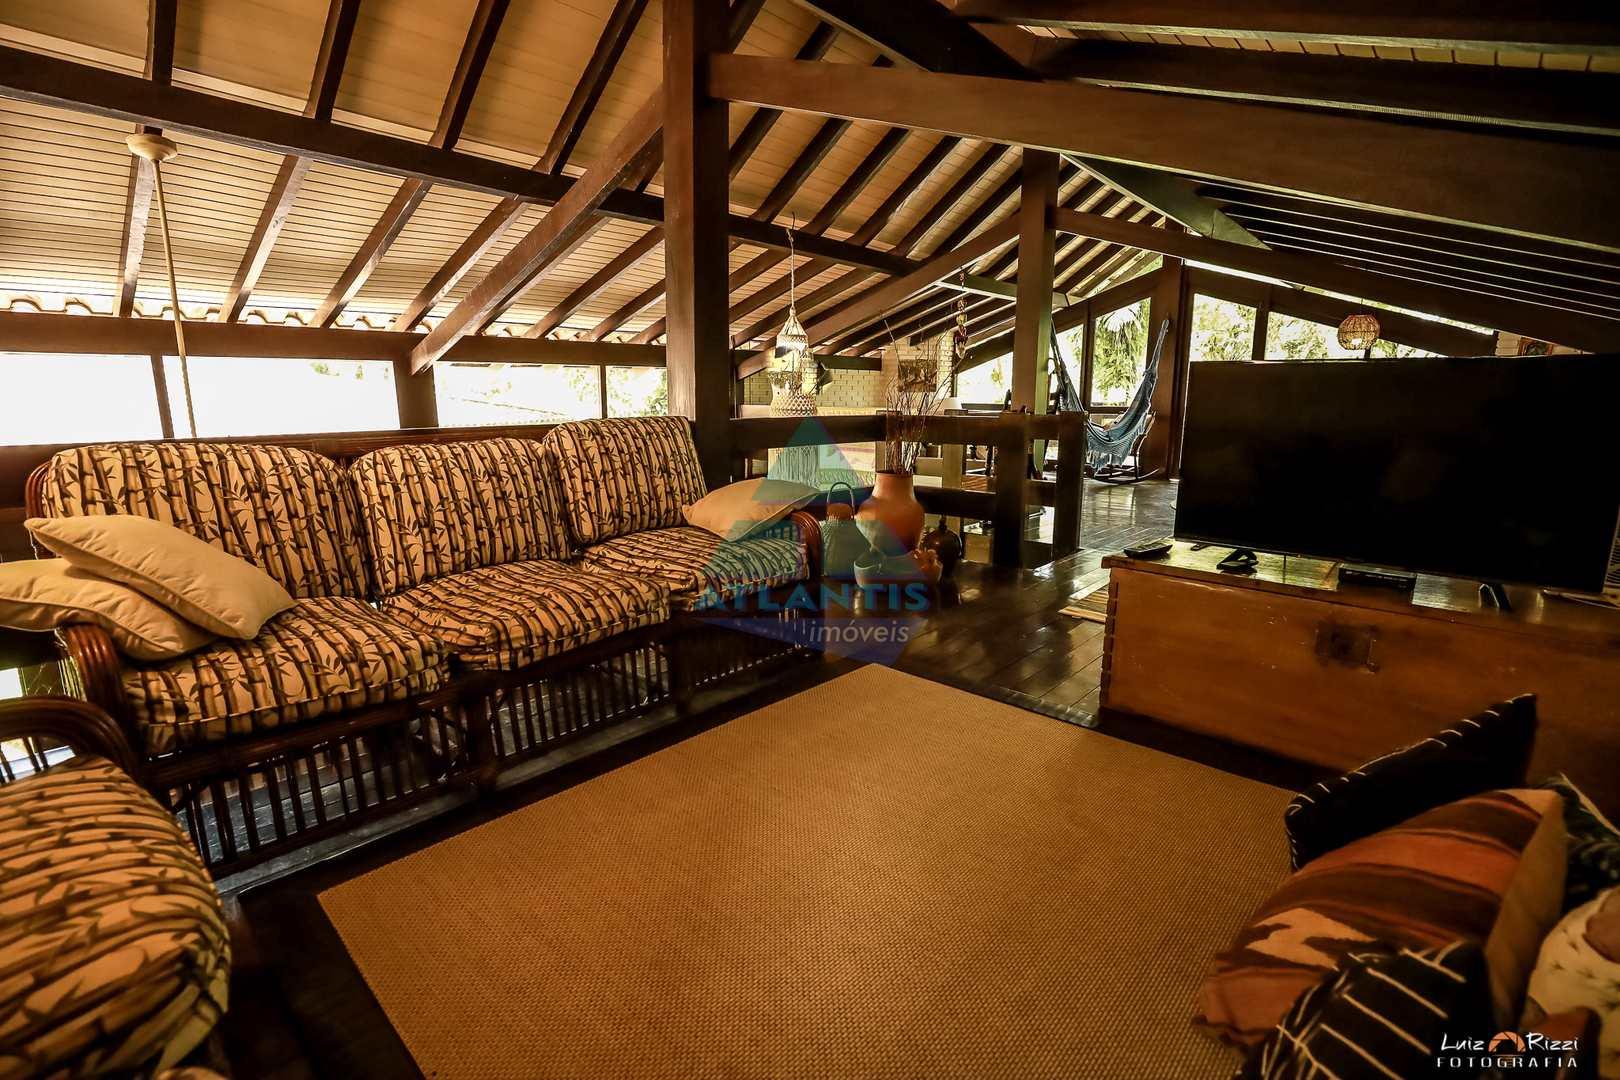 Casa com 5 dorms, Praia Vermelha do Sul, Ubatuba - R$ 3.5 mi, Cod: 1408